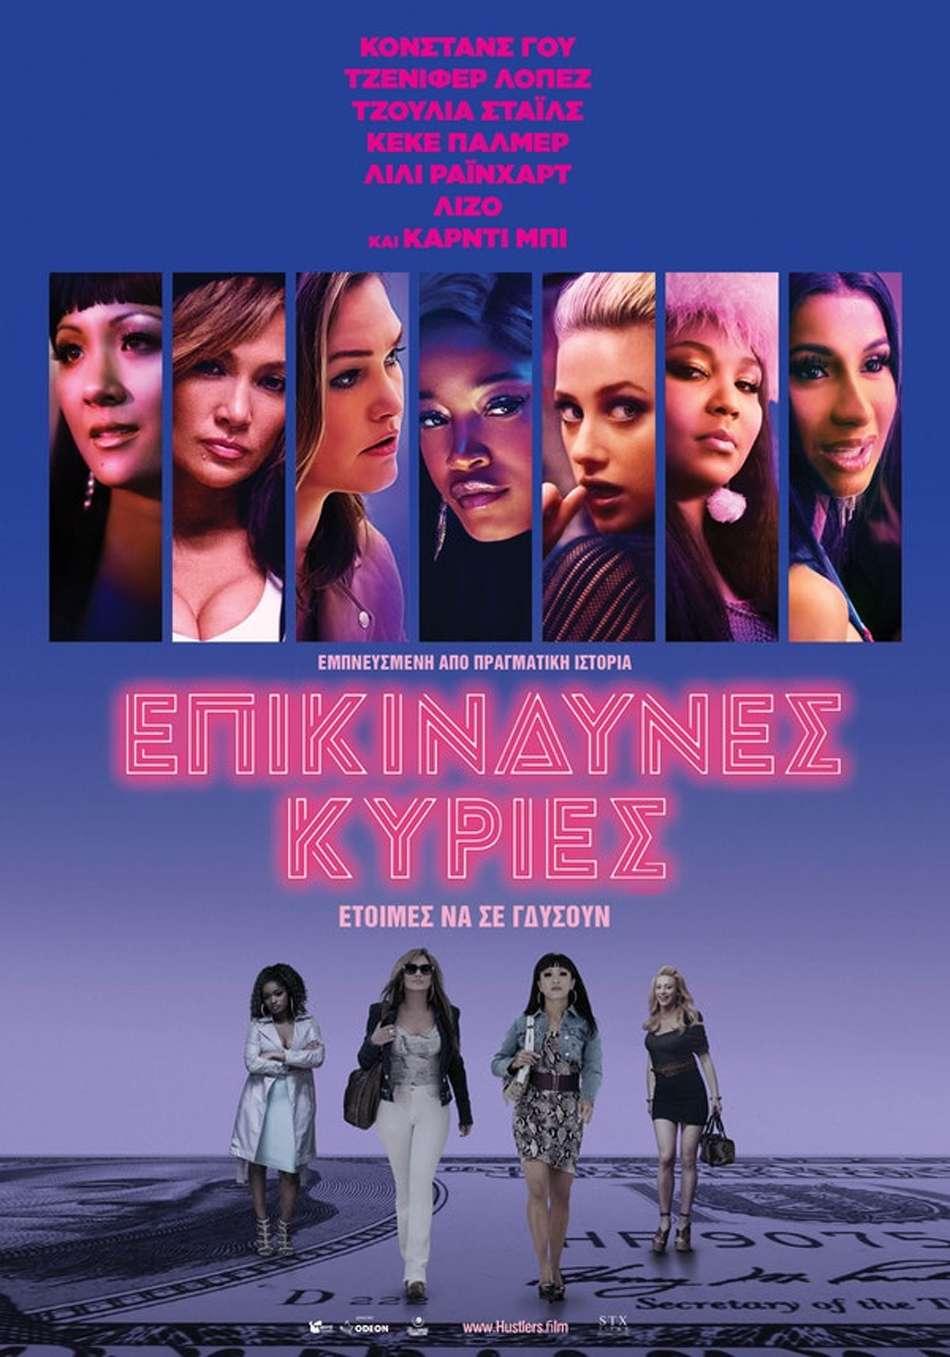 Επικίνδυνες Κυρίες (Hustlers) Poster Πόστερ